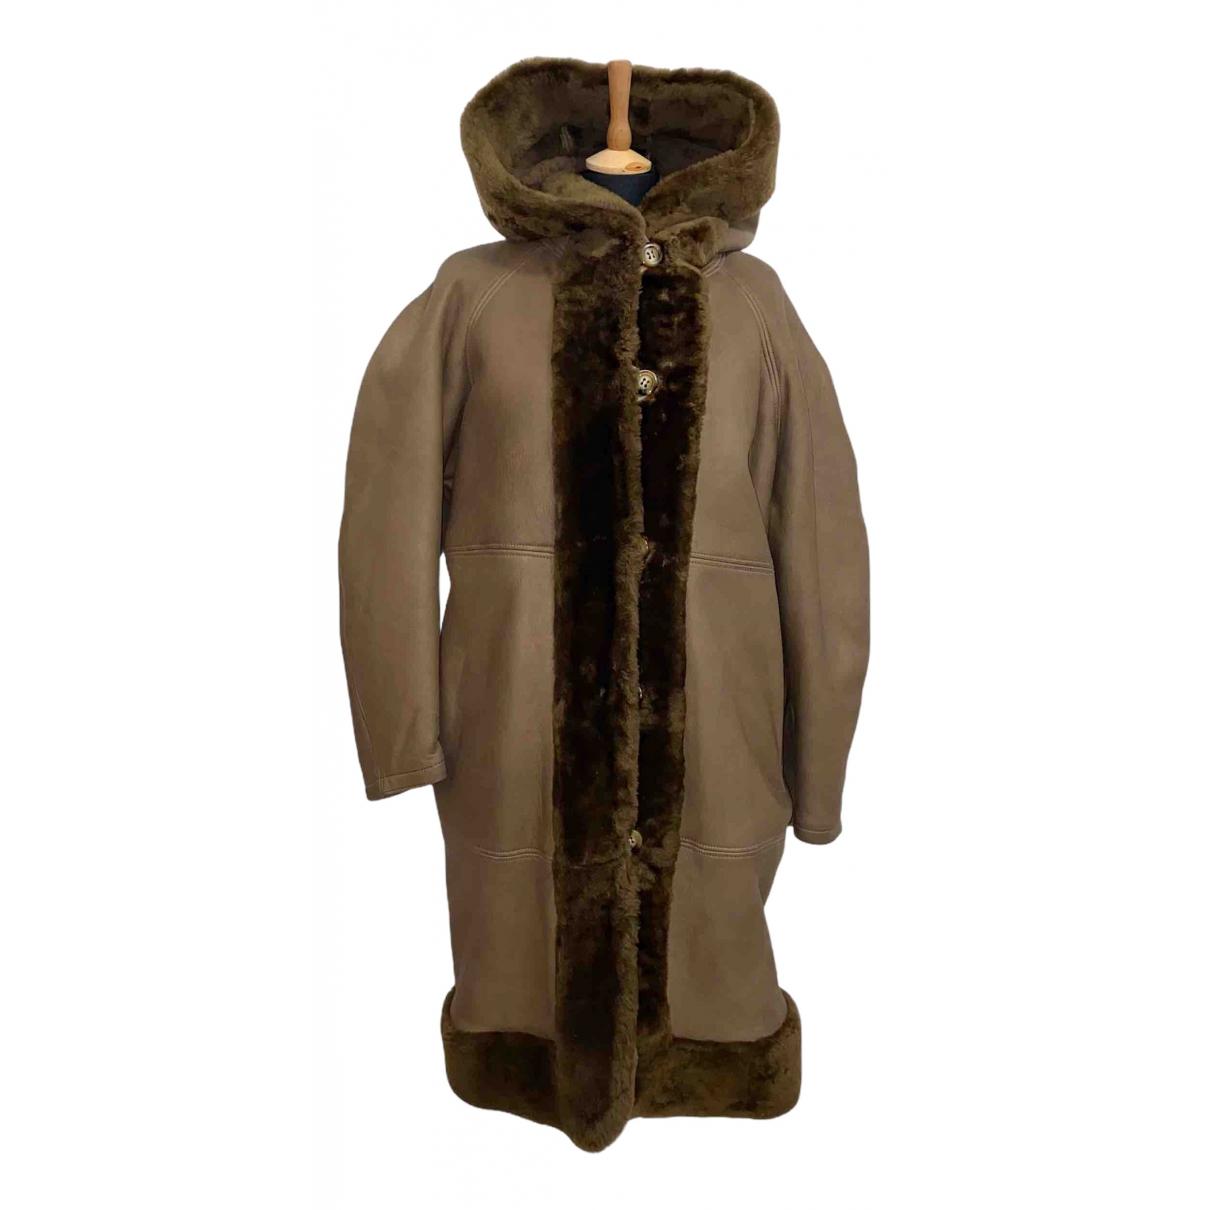 Yves Saint Laurent - Manteau   pour femme en mouton - camel